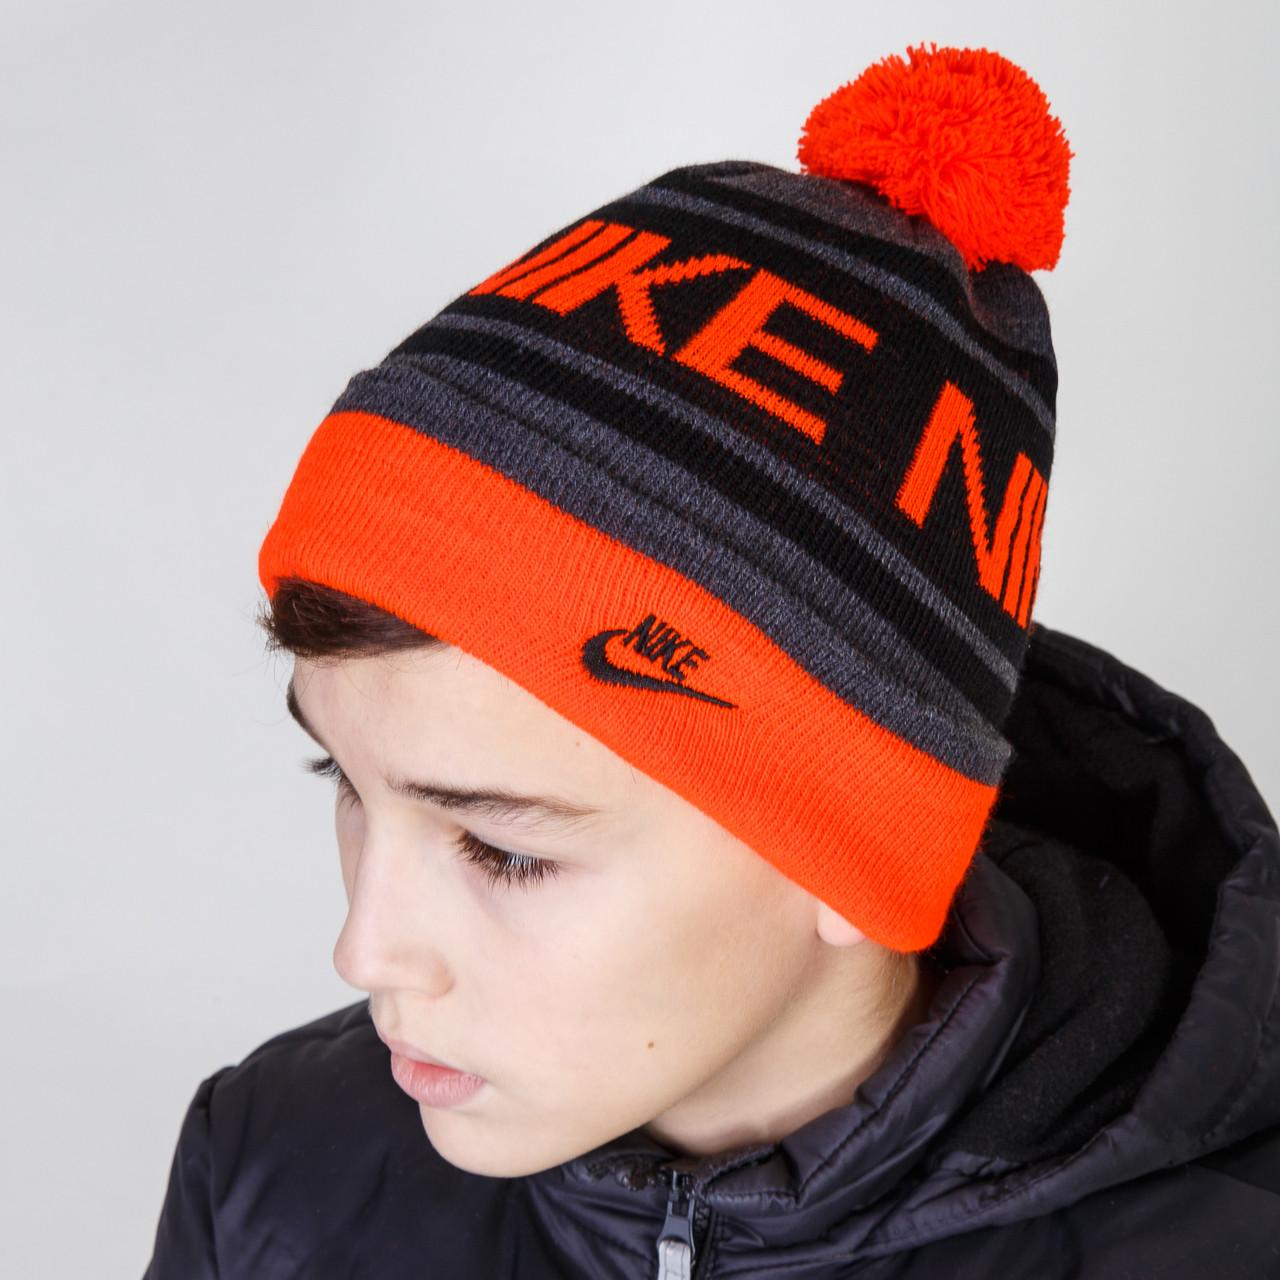 Зимняя спортивная шапка для мальчика с помпоном оптом - Артикул 2929